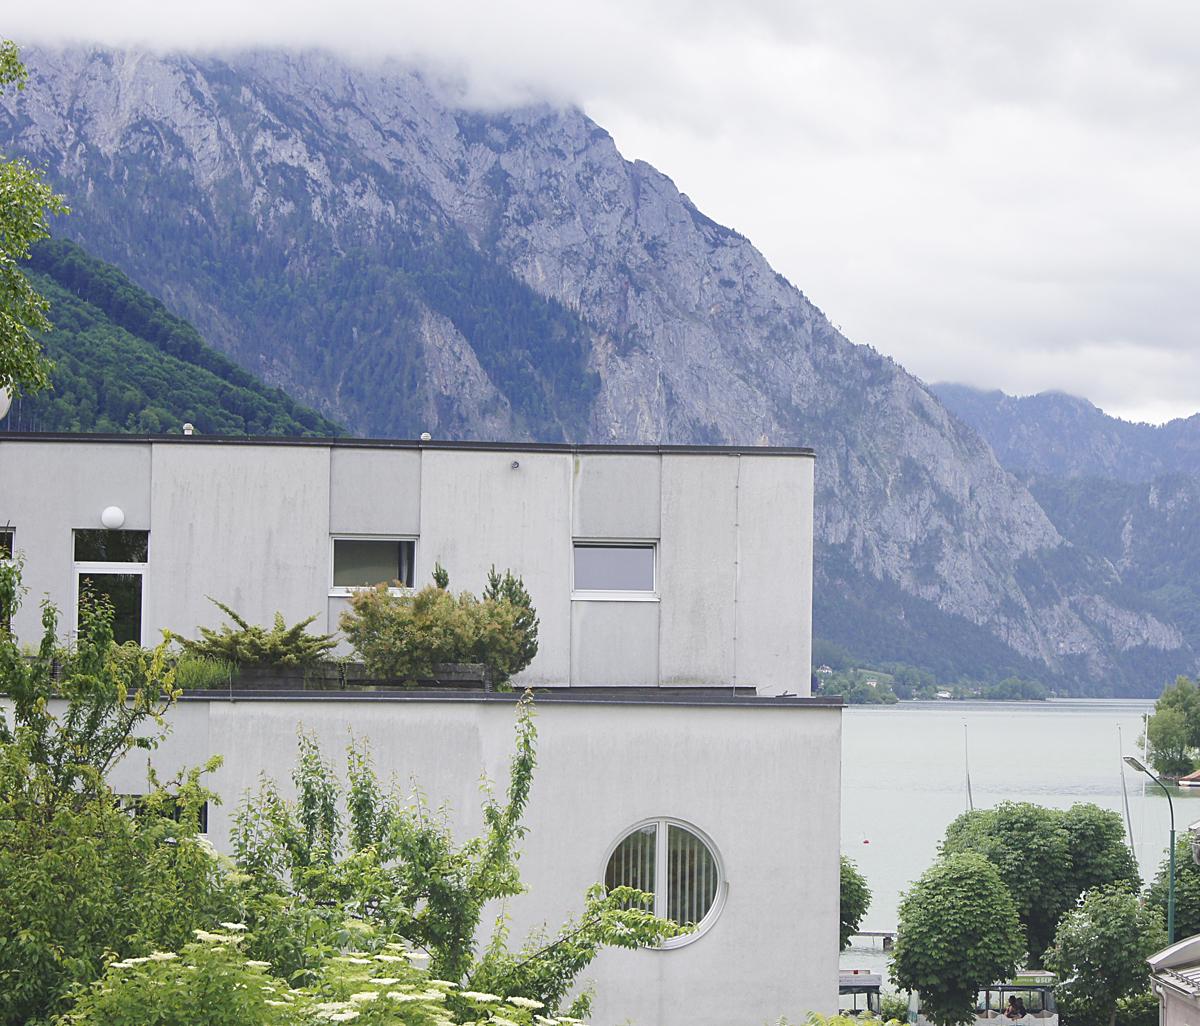 Mietwohnung In Gmunden Mit Seeblick Immobilien Koroschetz